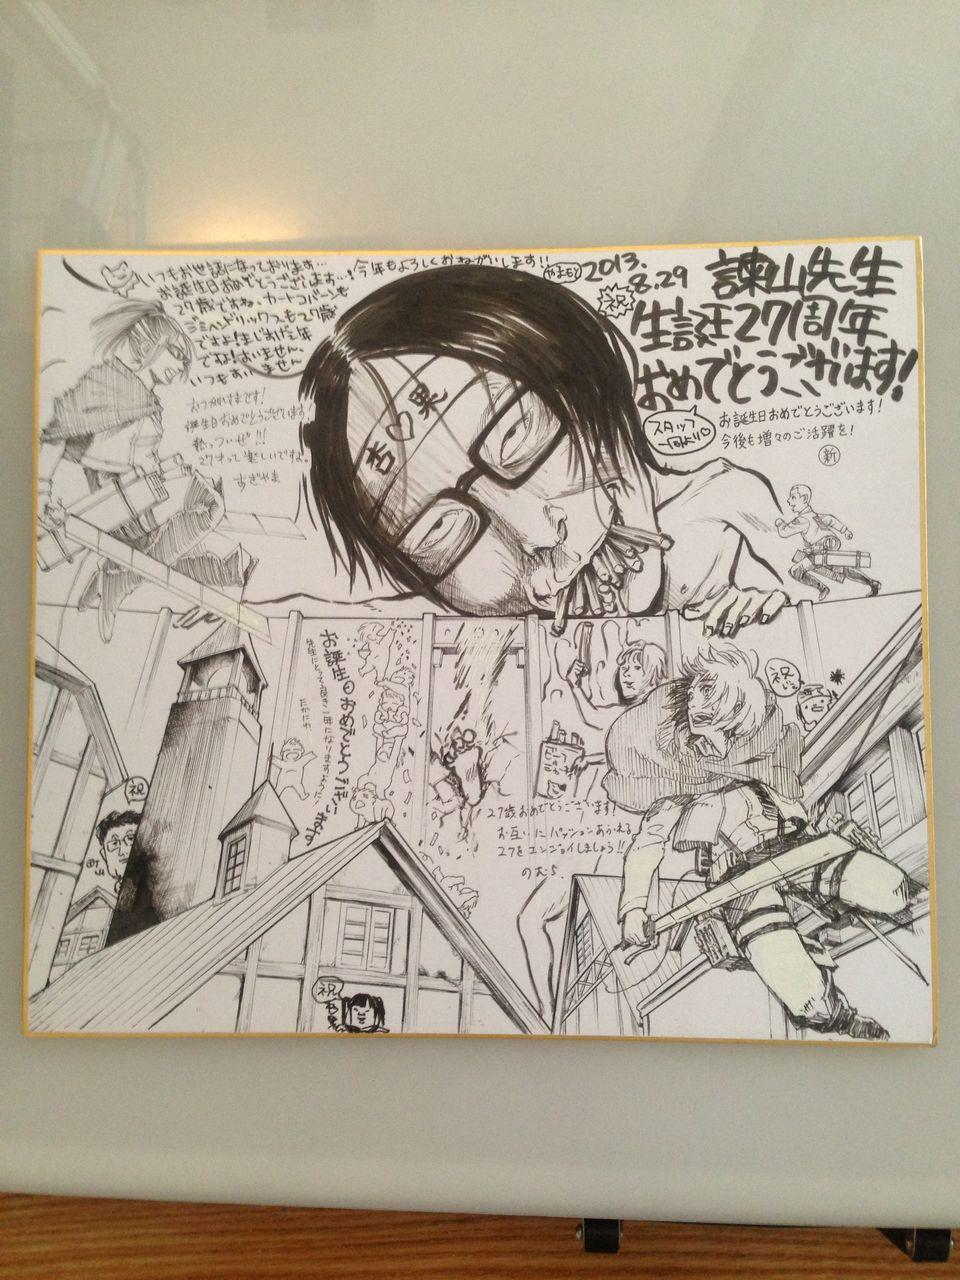 만화가 '이사야마 하지메' 선생이 생일 기념으로 어..